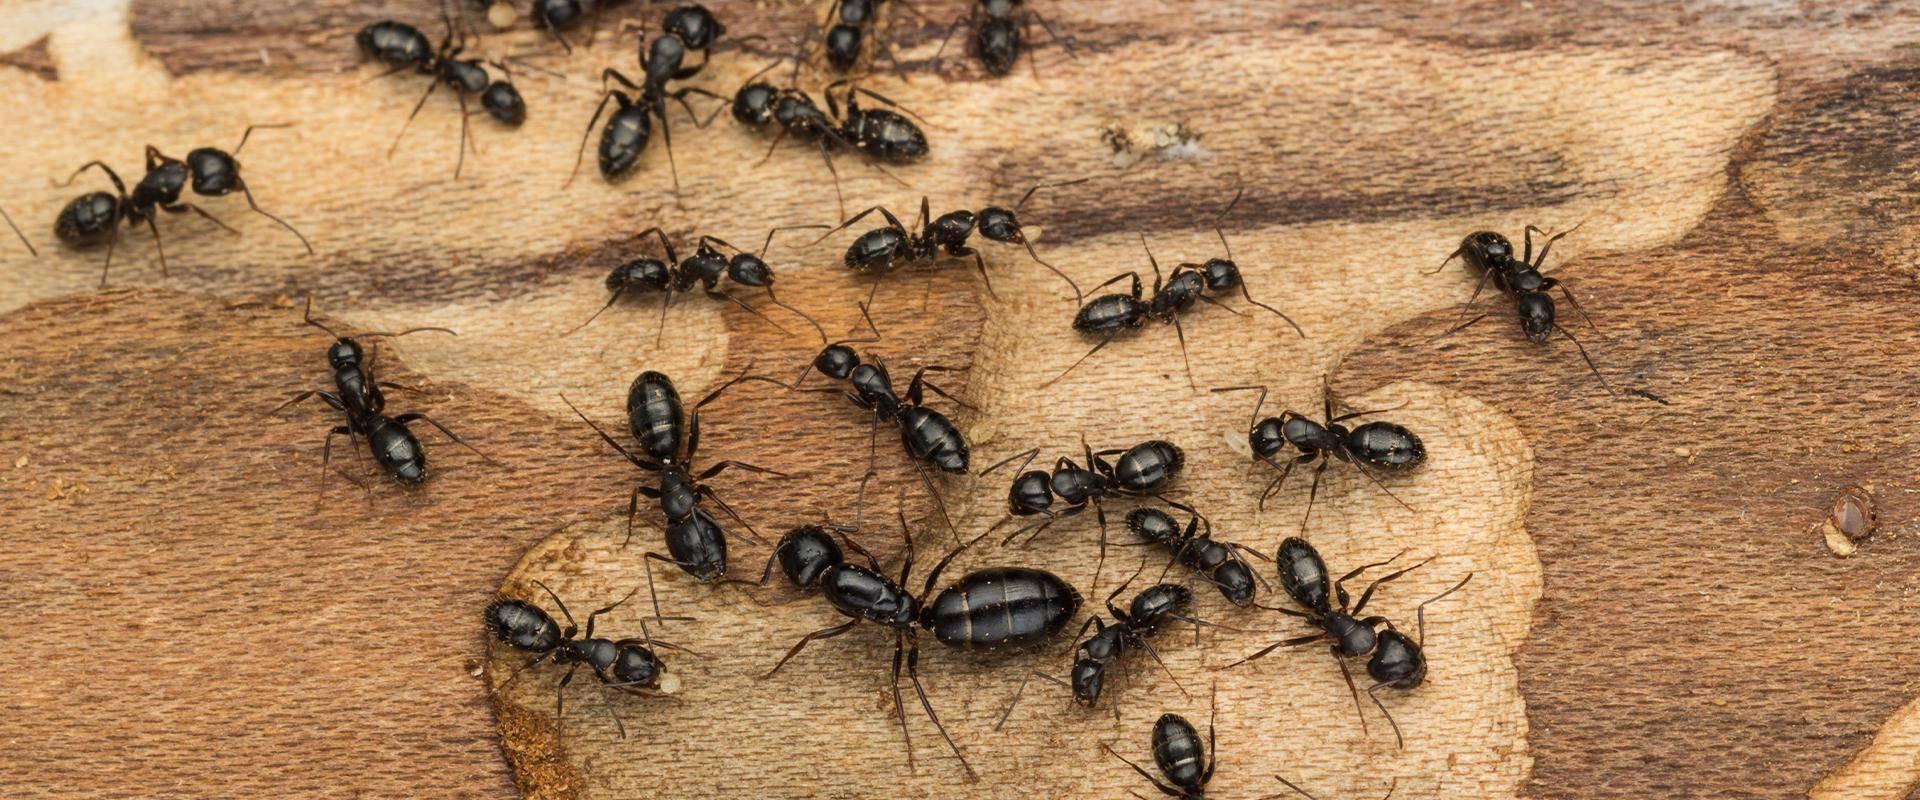 ants on wood